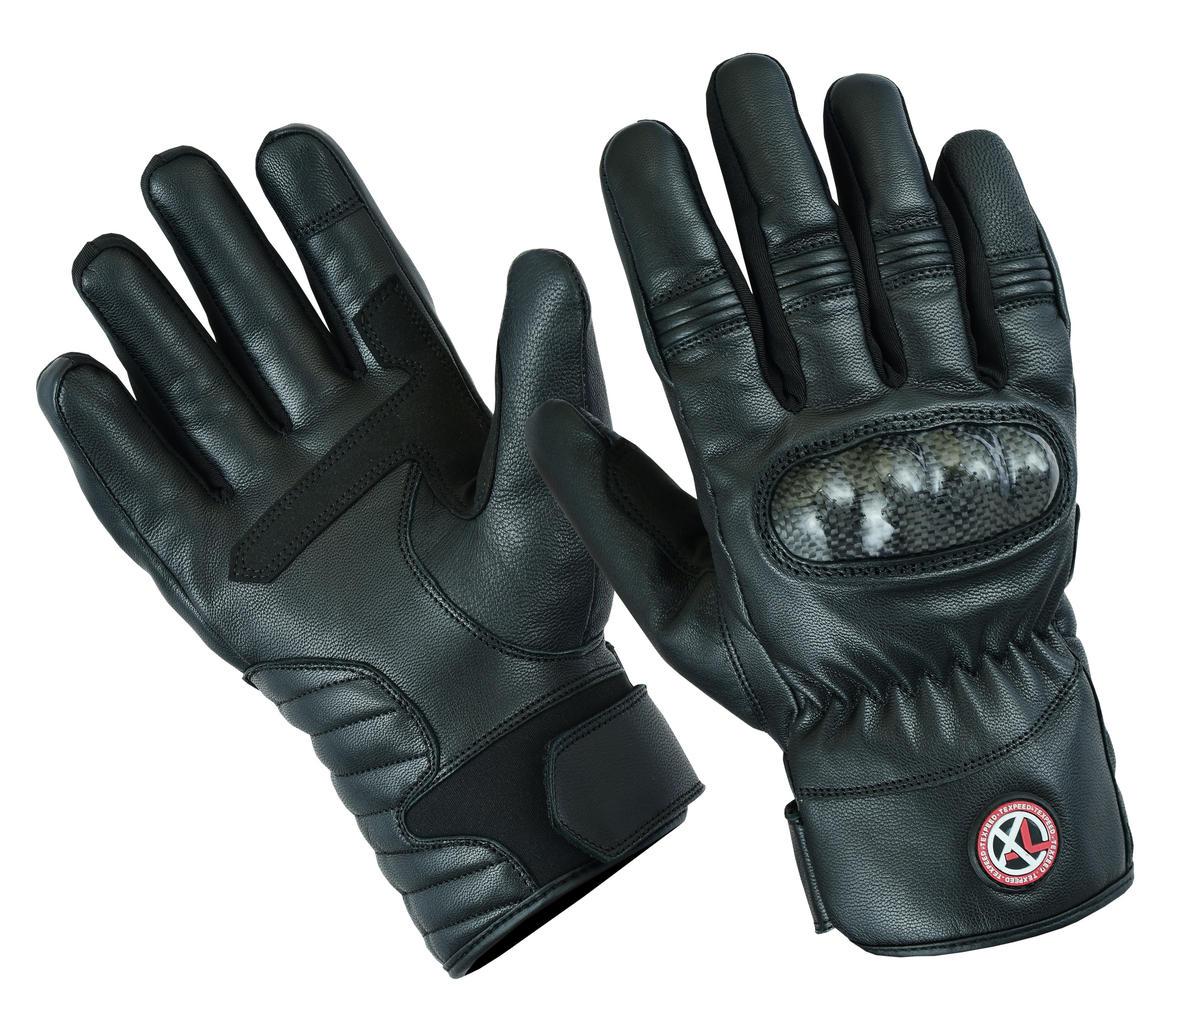 Motorcycle Motorbike Leather Gloves Winter Thermal Waterproof CE Protectors Bike